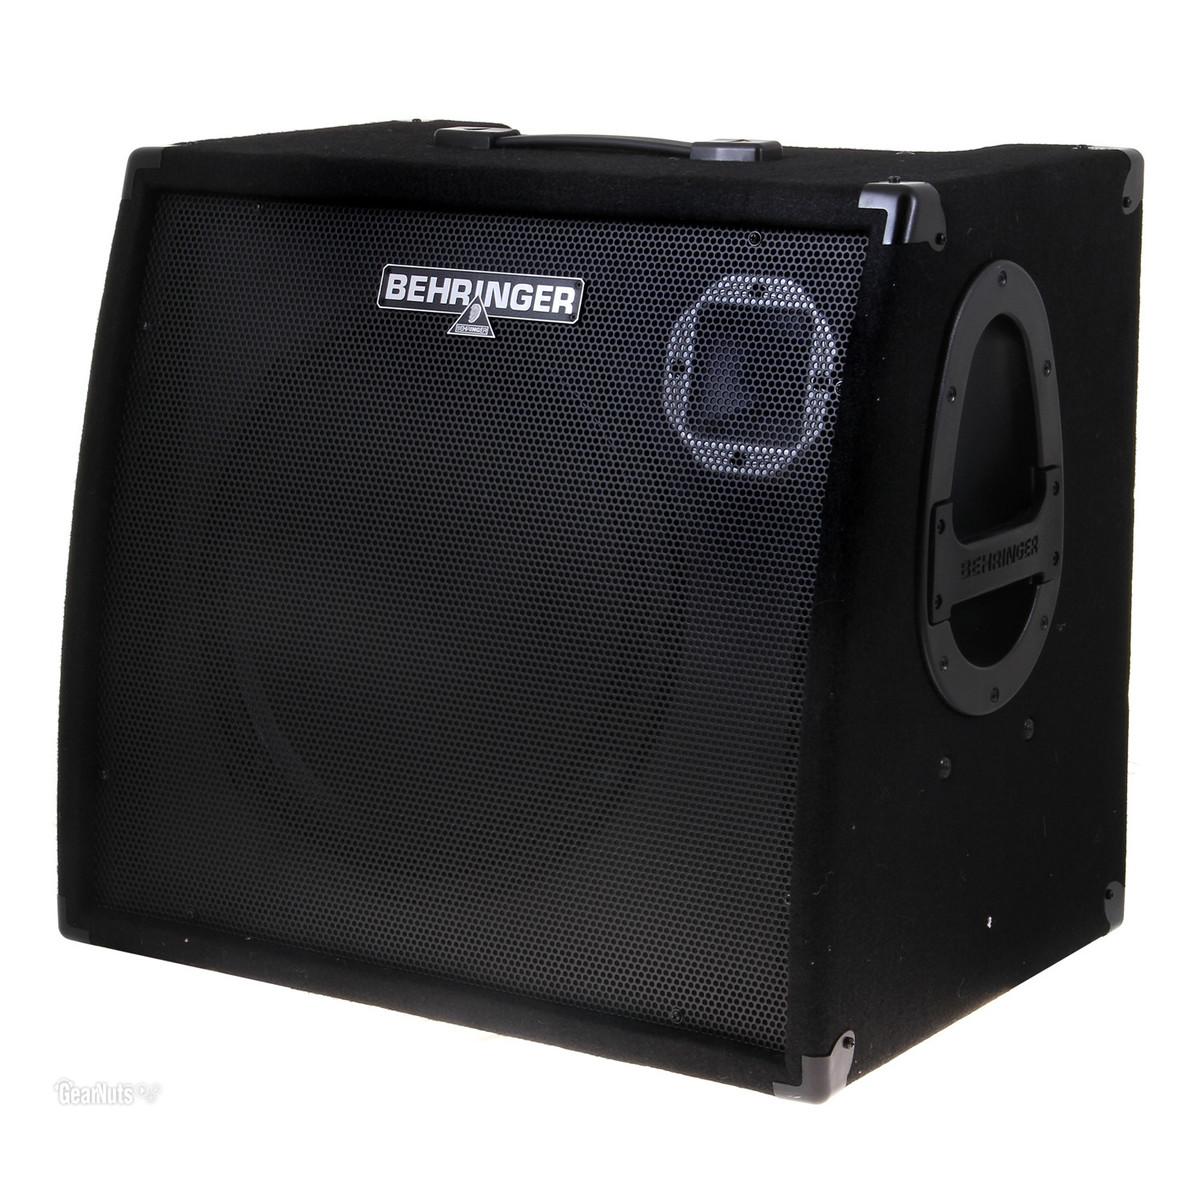 disc behringer k3000fx ultratone keyboard amplifier at gear4music. Black Bedroom Furniture Sets. Home Design Ideas